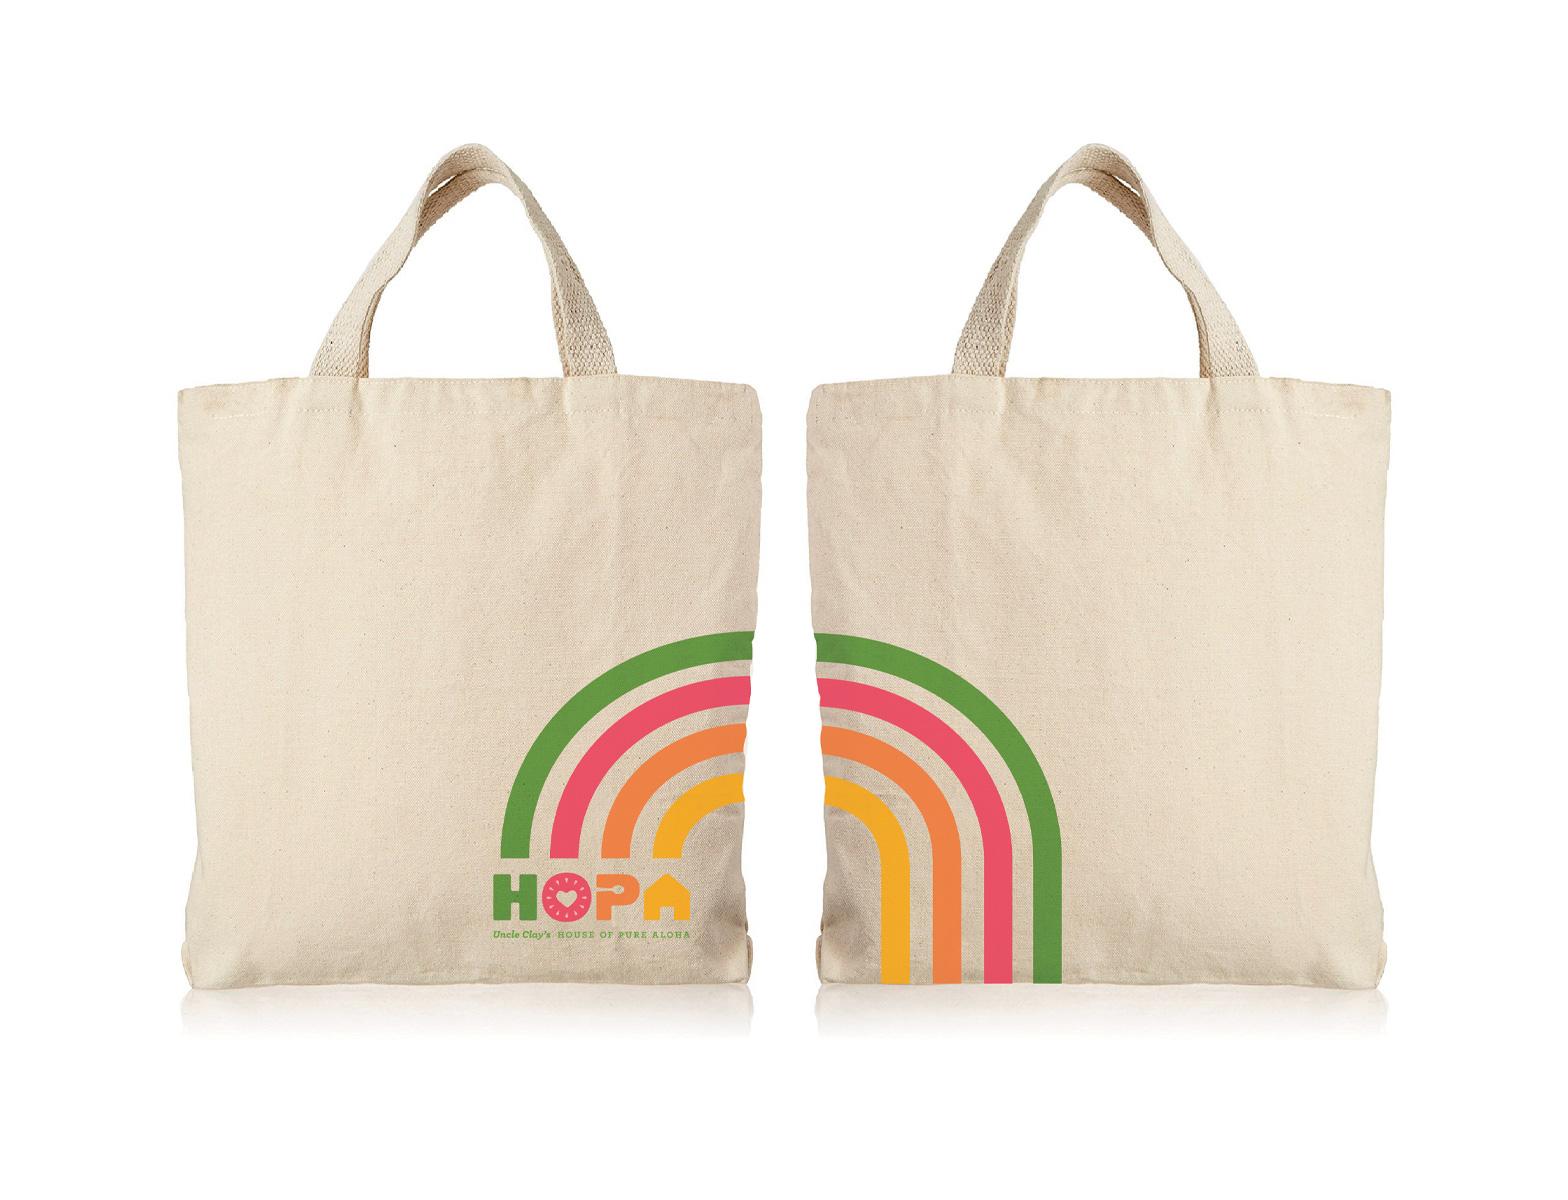 hopa-04